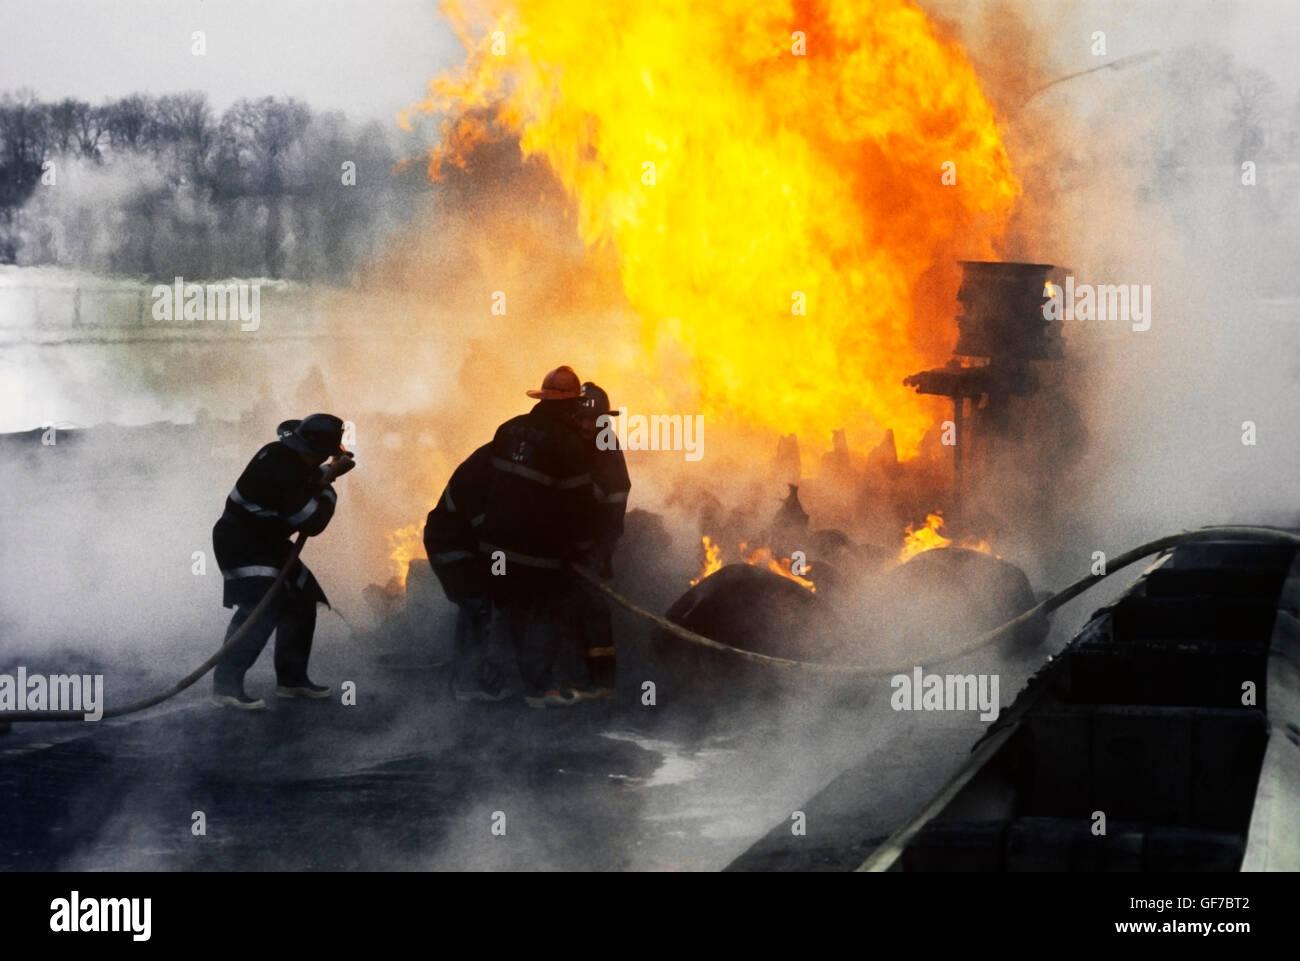 Vigili del fuoco battaglia autocisterna incendio su autostrada Immagini Stock